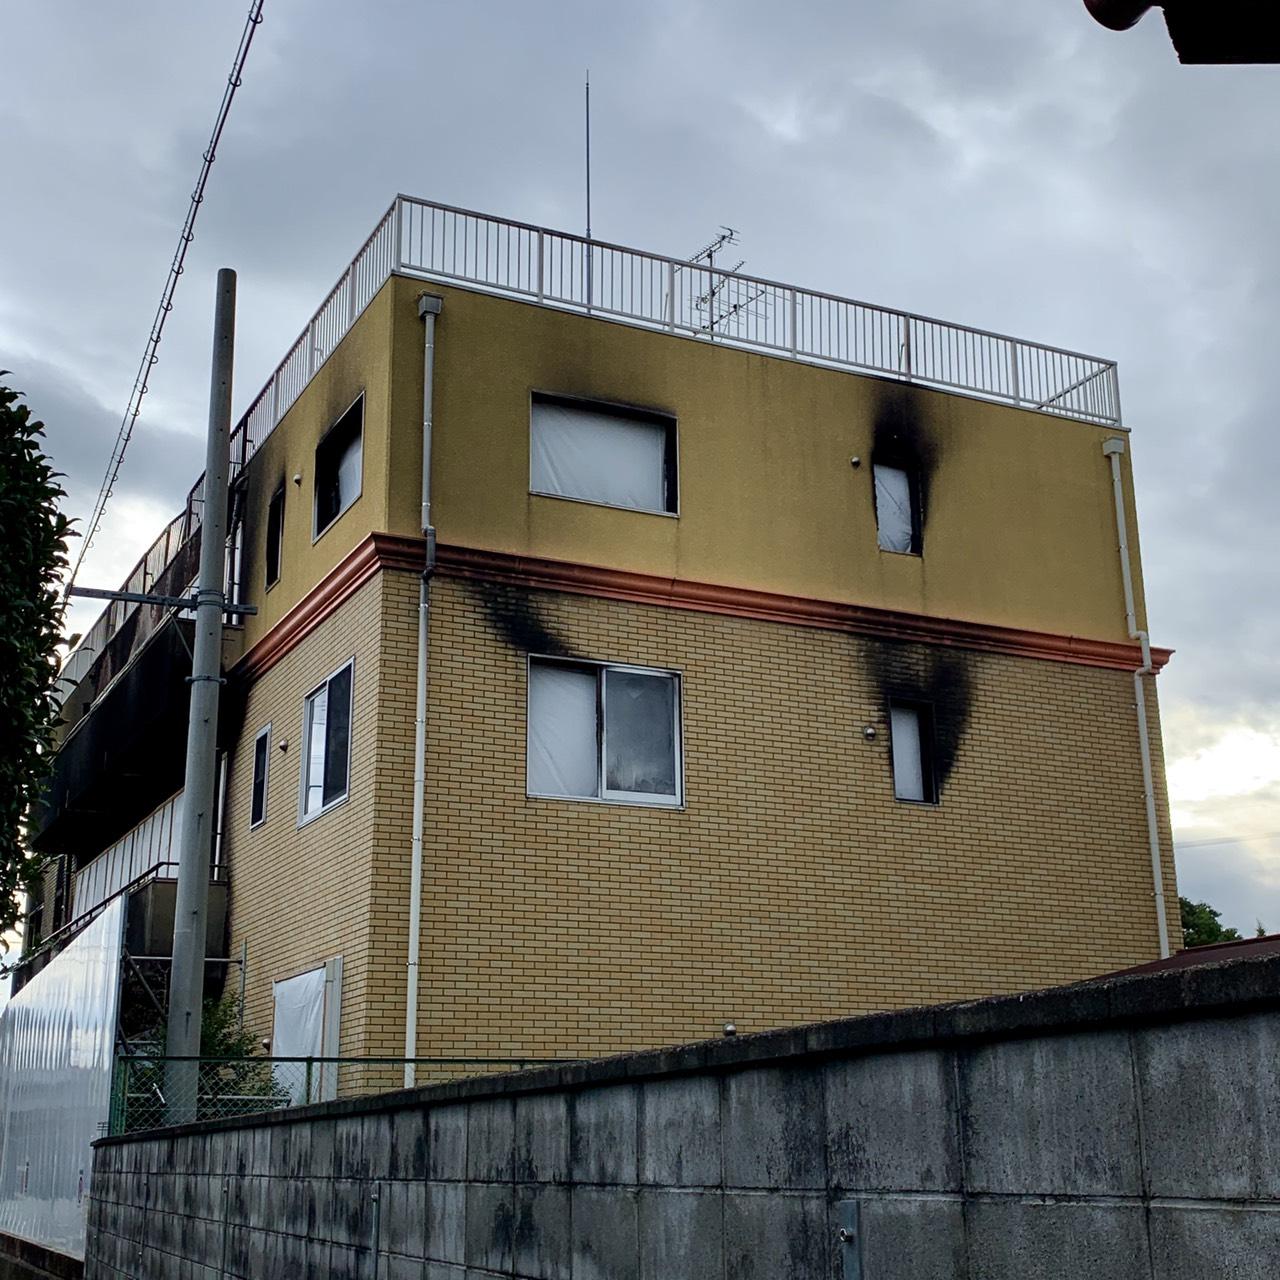 京都 アニメーション 第 1 スタジオ